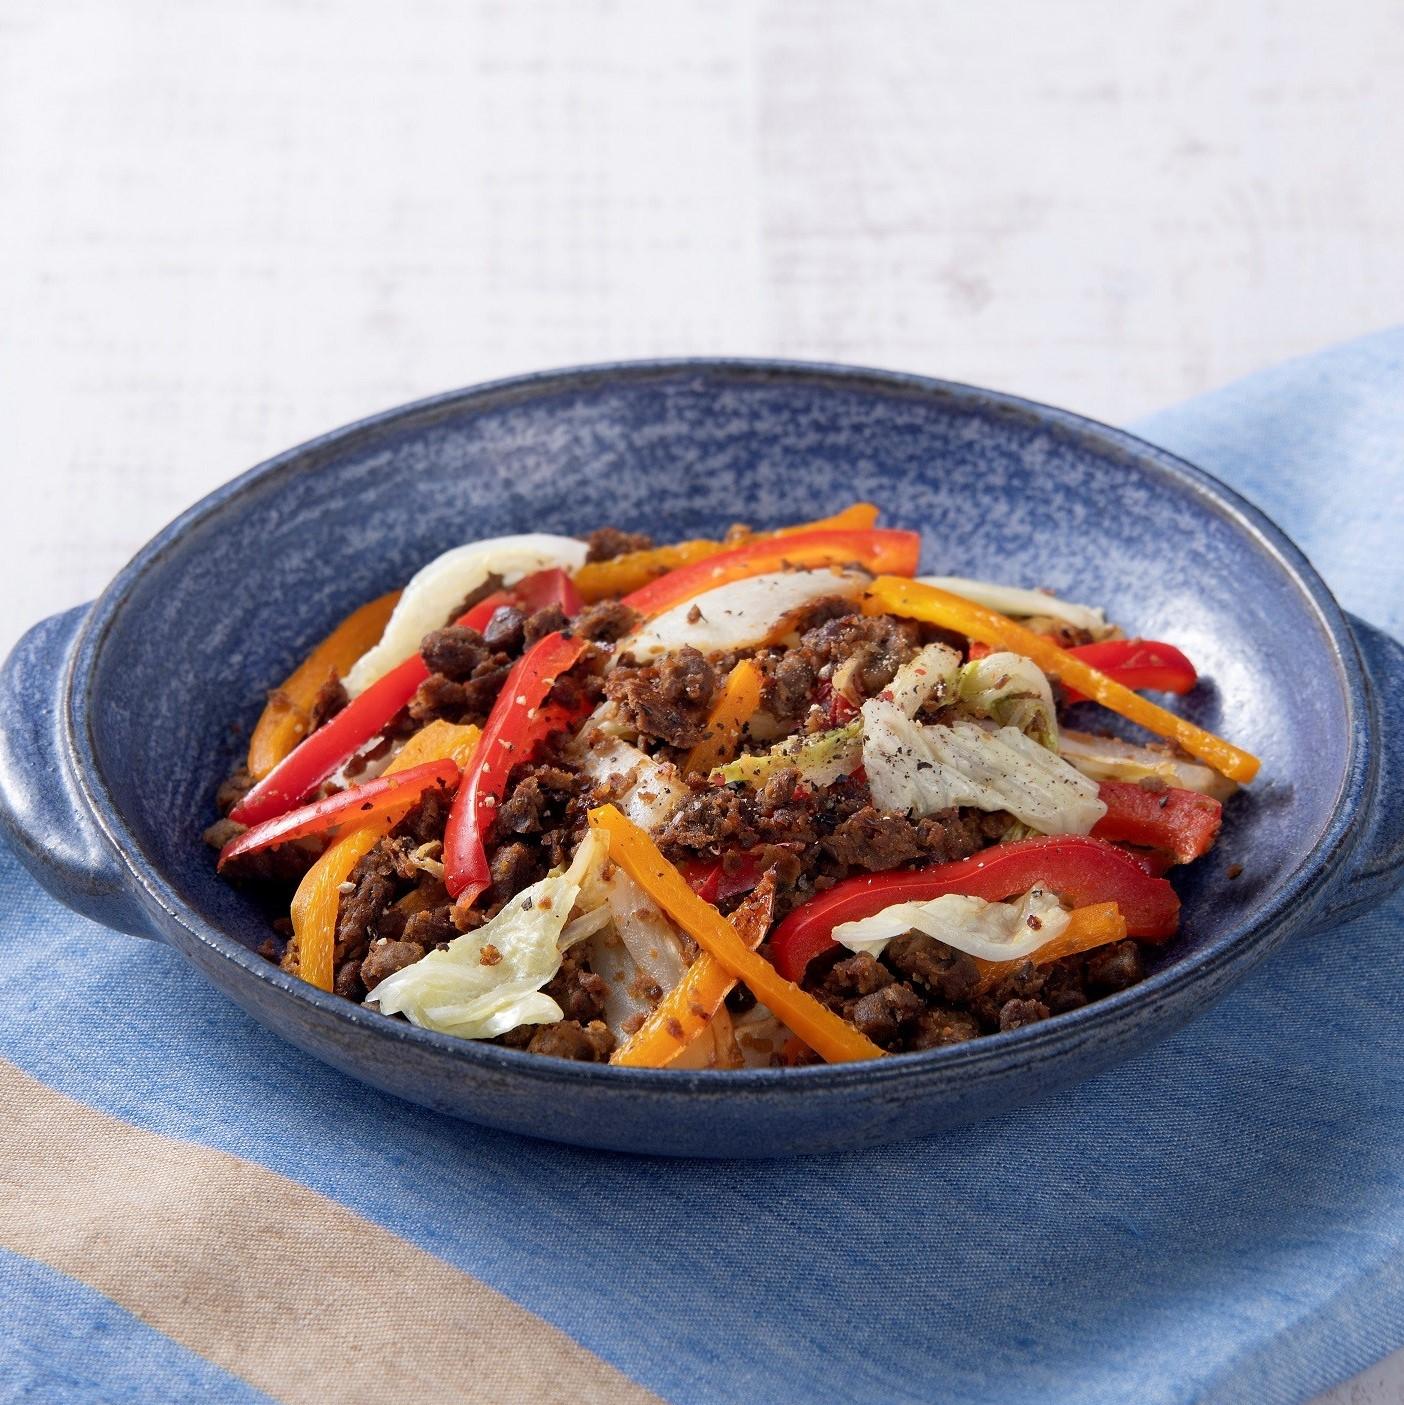 野菜のそぼろ(ベジミート)と<br>白菜のカレー風炒め